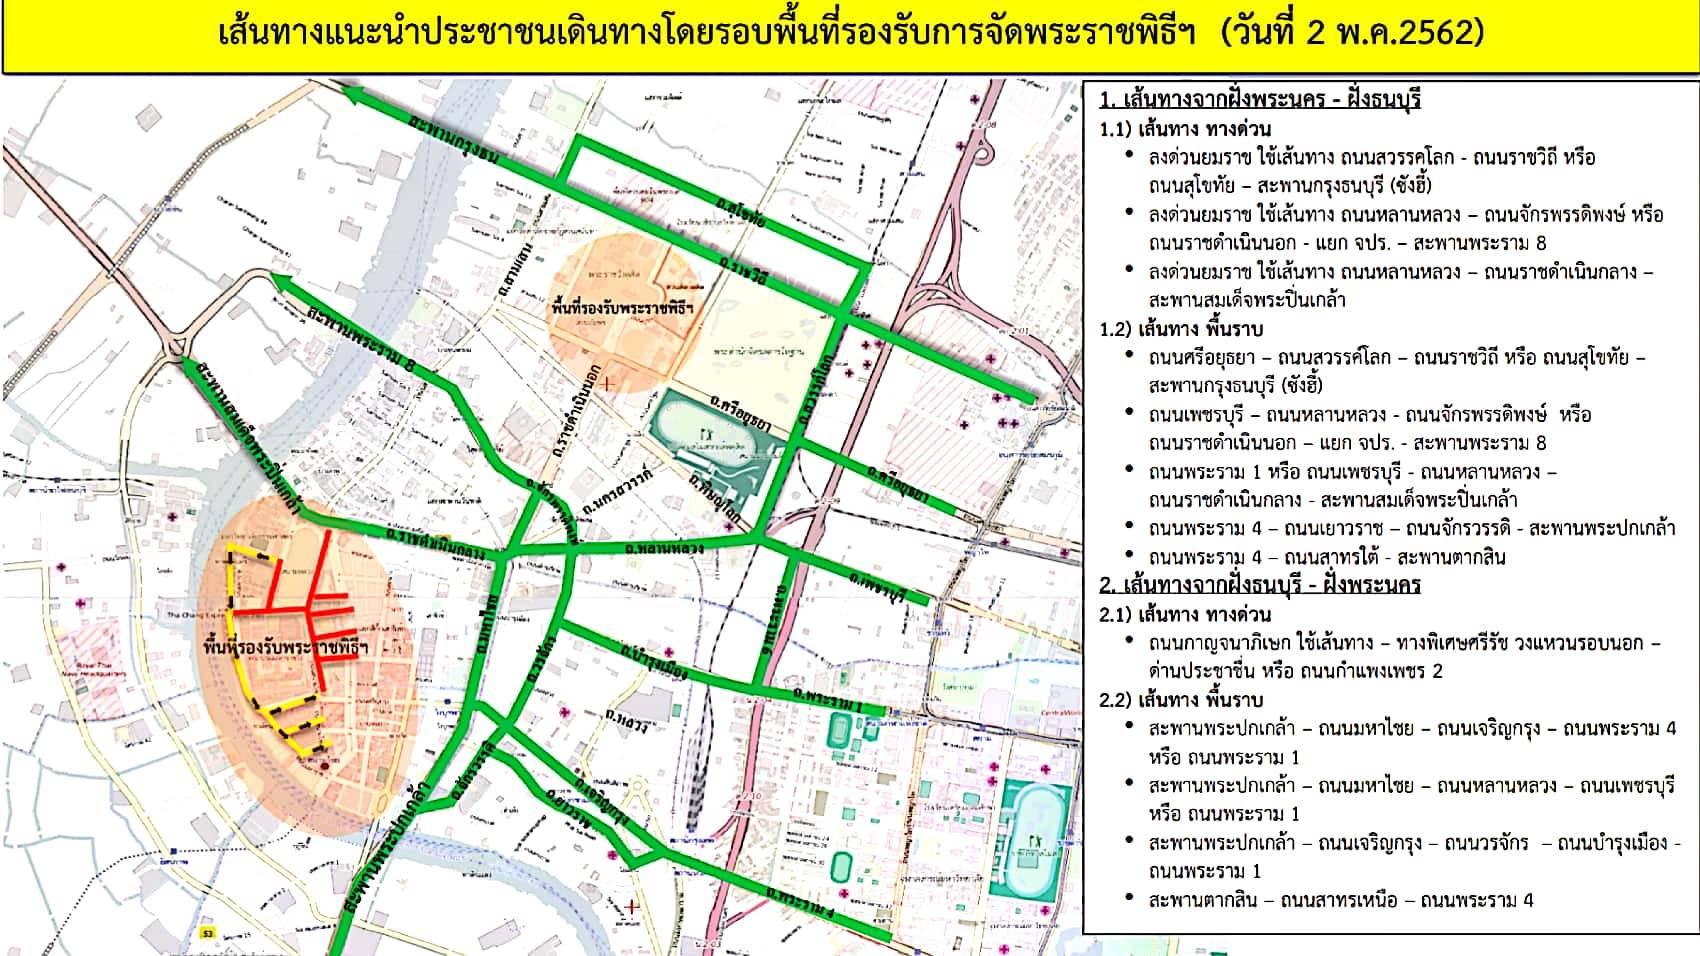 เส้นทางแนะนำประชาชนเดินทางโดยรอบพื้นที่รองรับการจัดพระราชพิธี (วันที่ 2 พ.ค. 62)